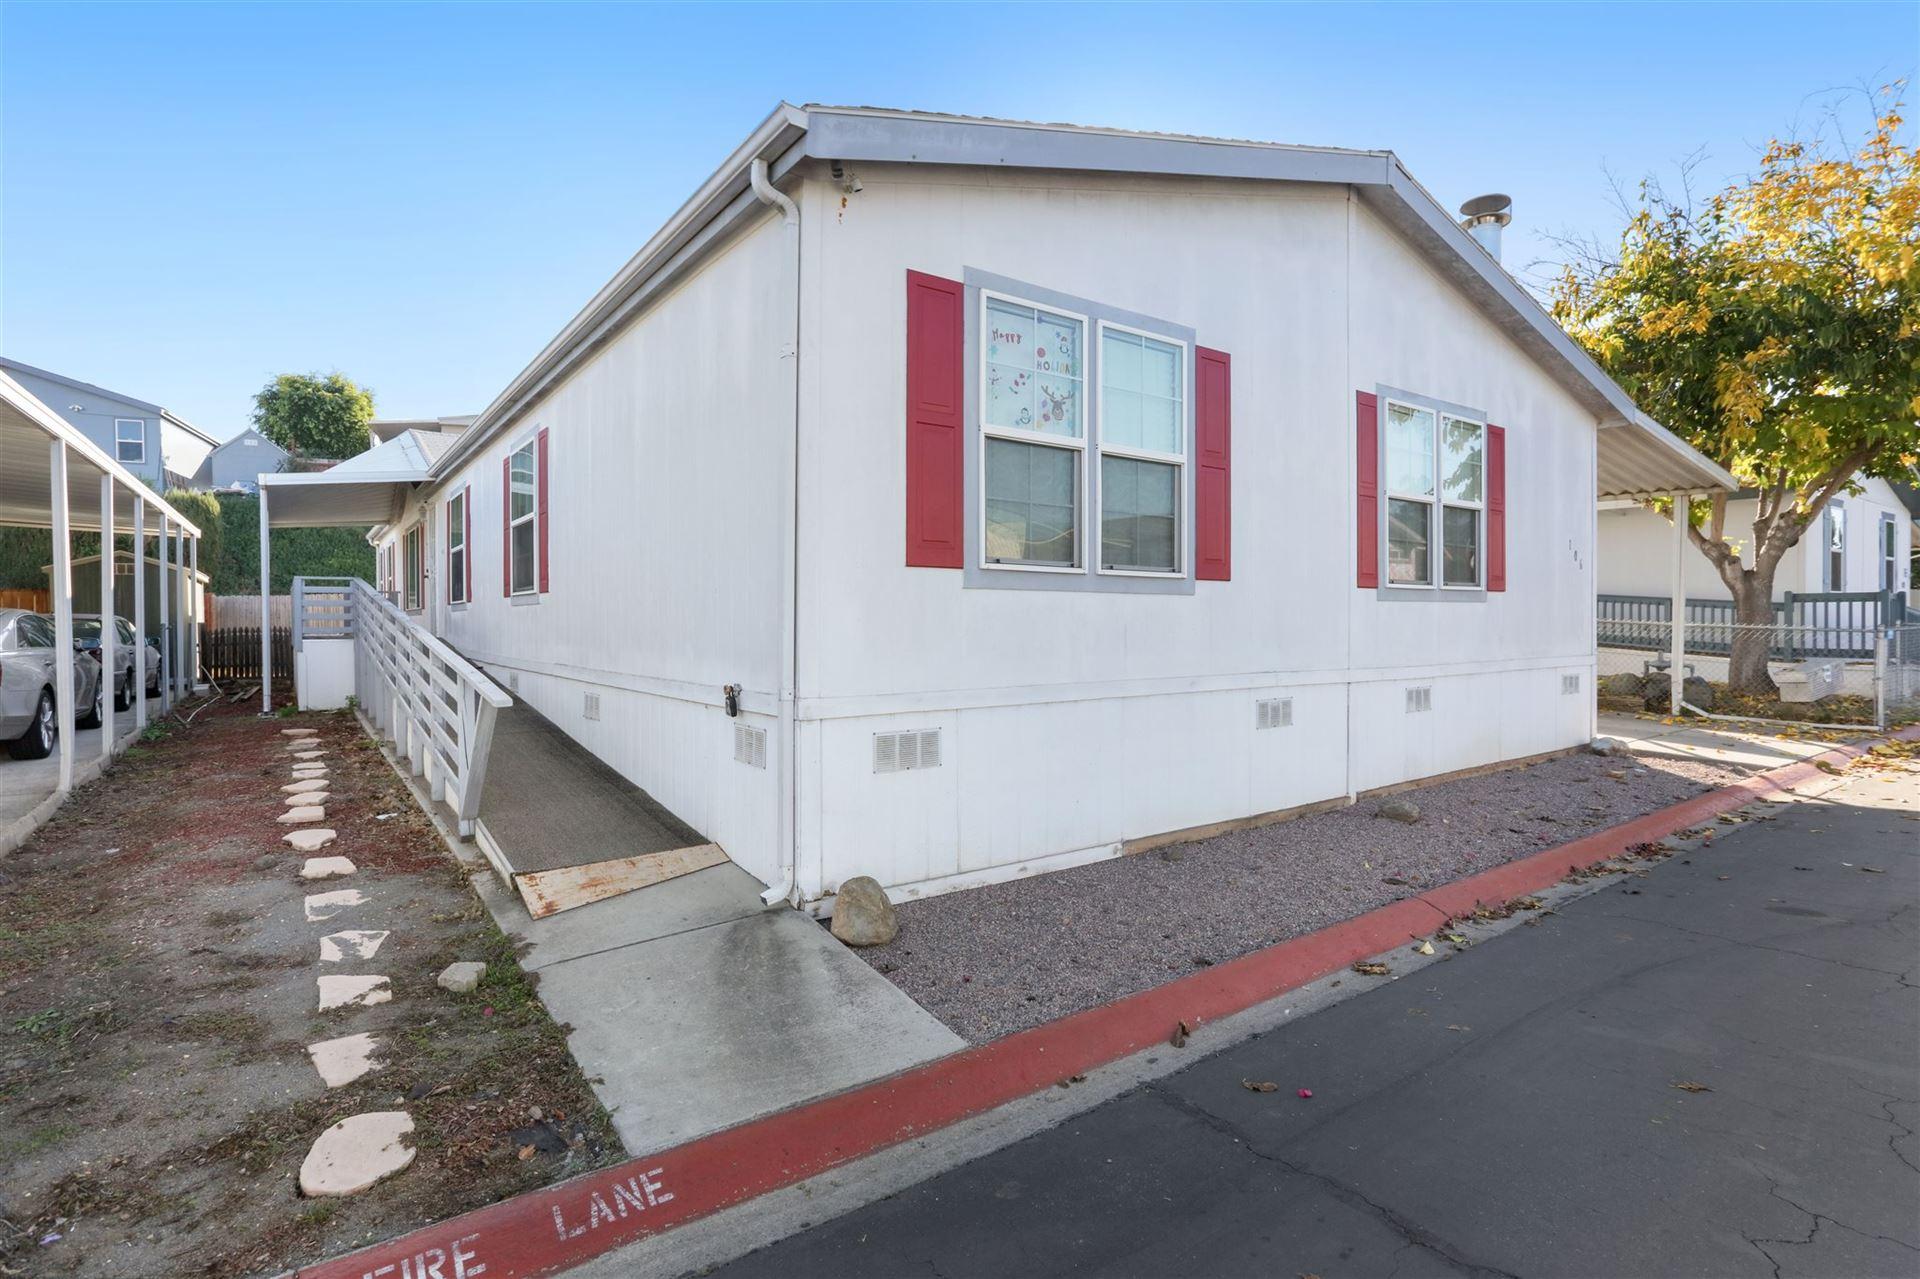 2400 W Valley Pkwy Space 106, Escondido, CA 92029 - MLS#: 200052697